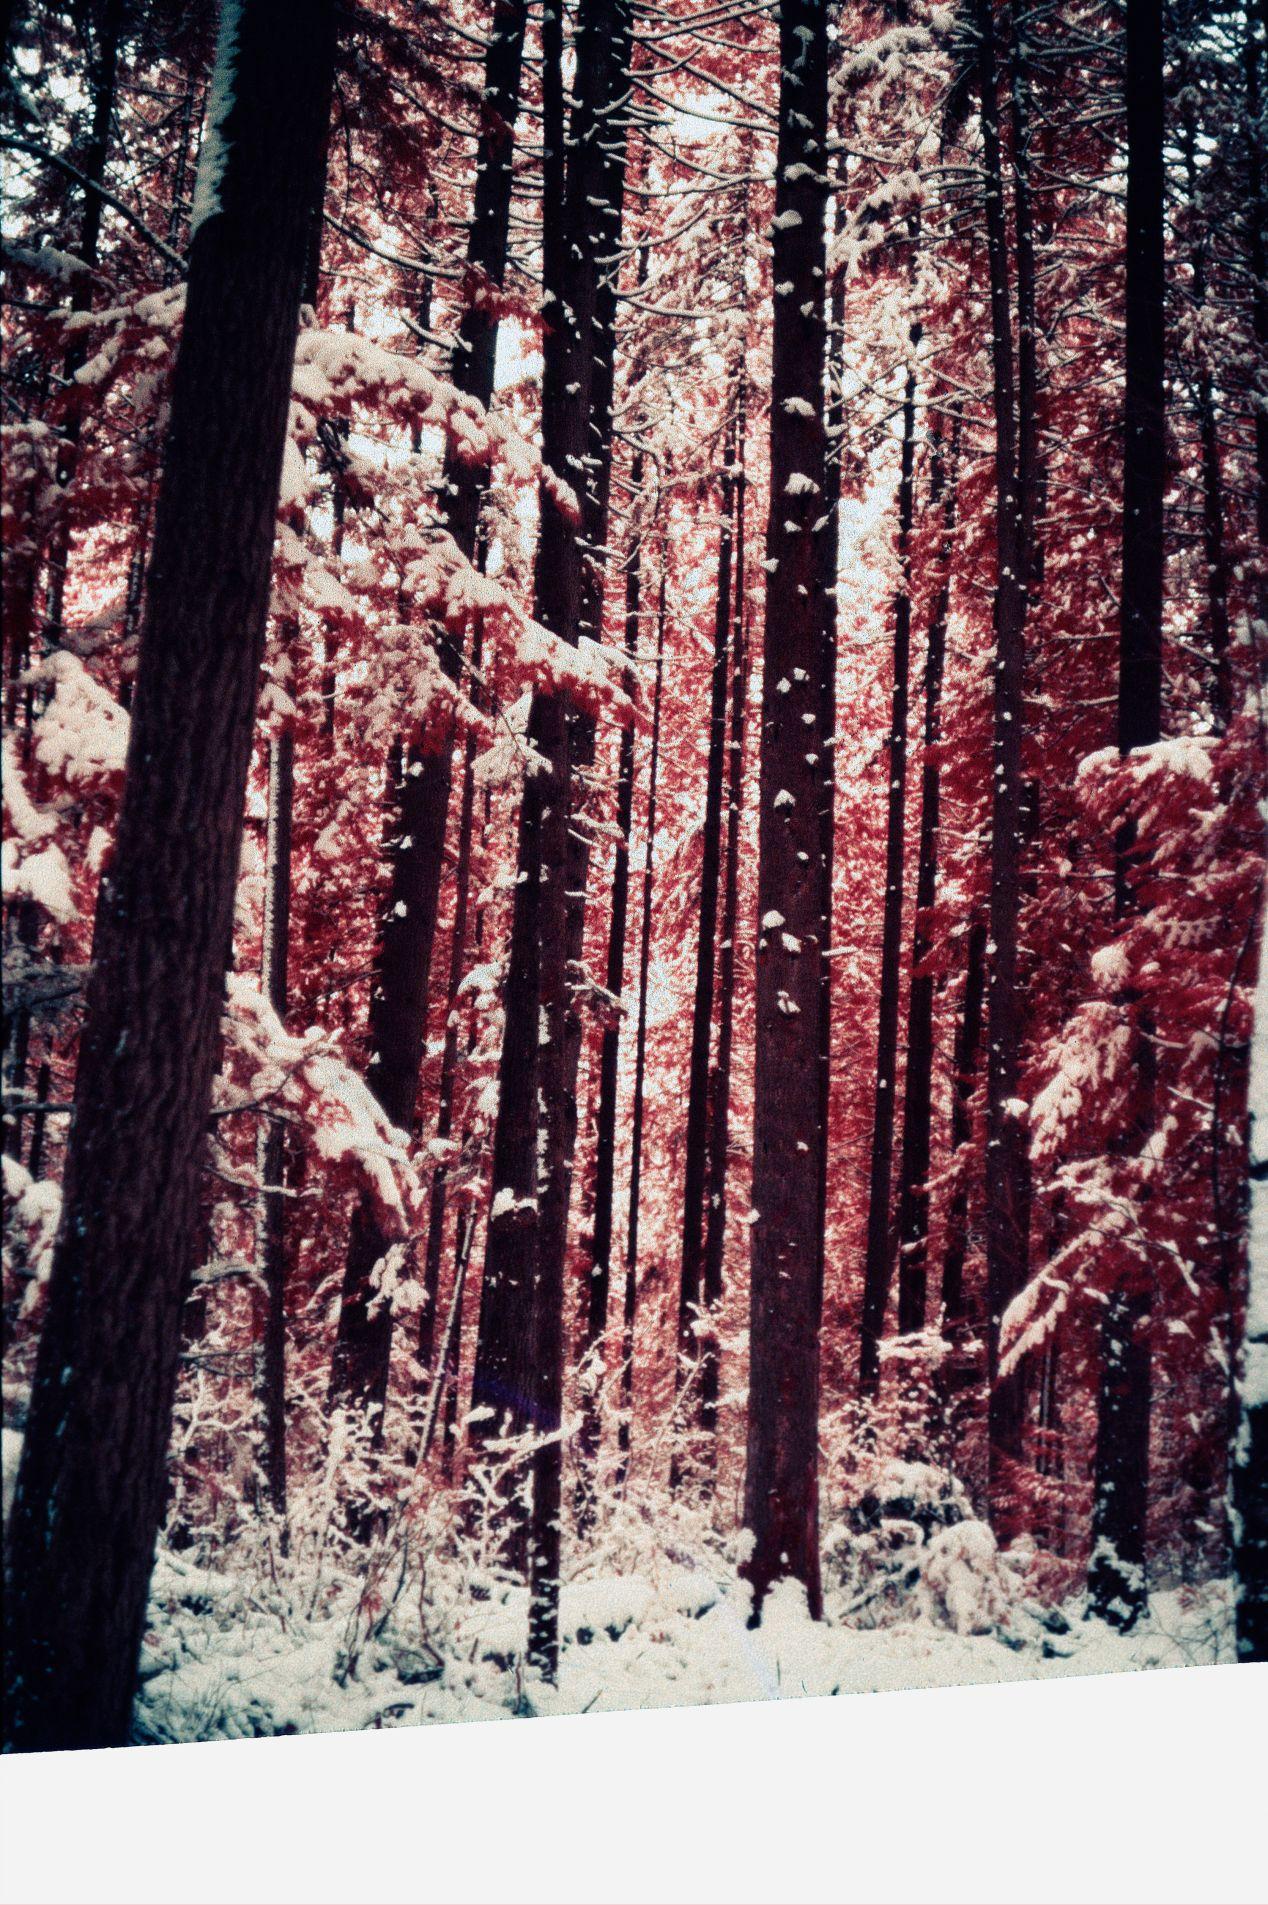 Winter forest on Kodak Aerochrome infrared slide film.